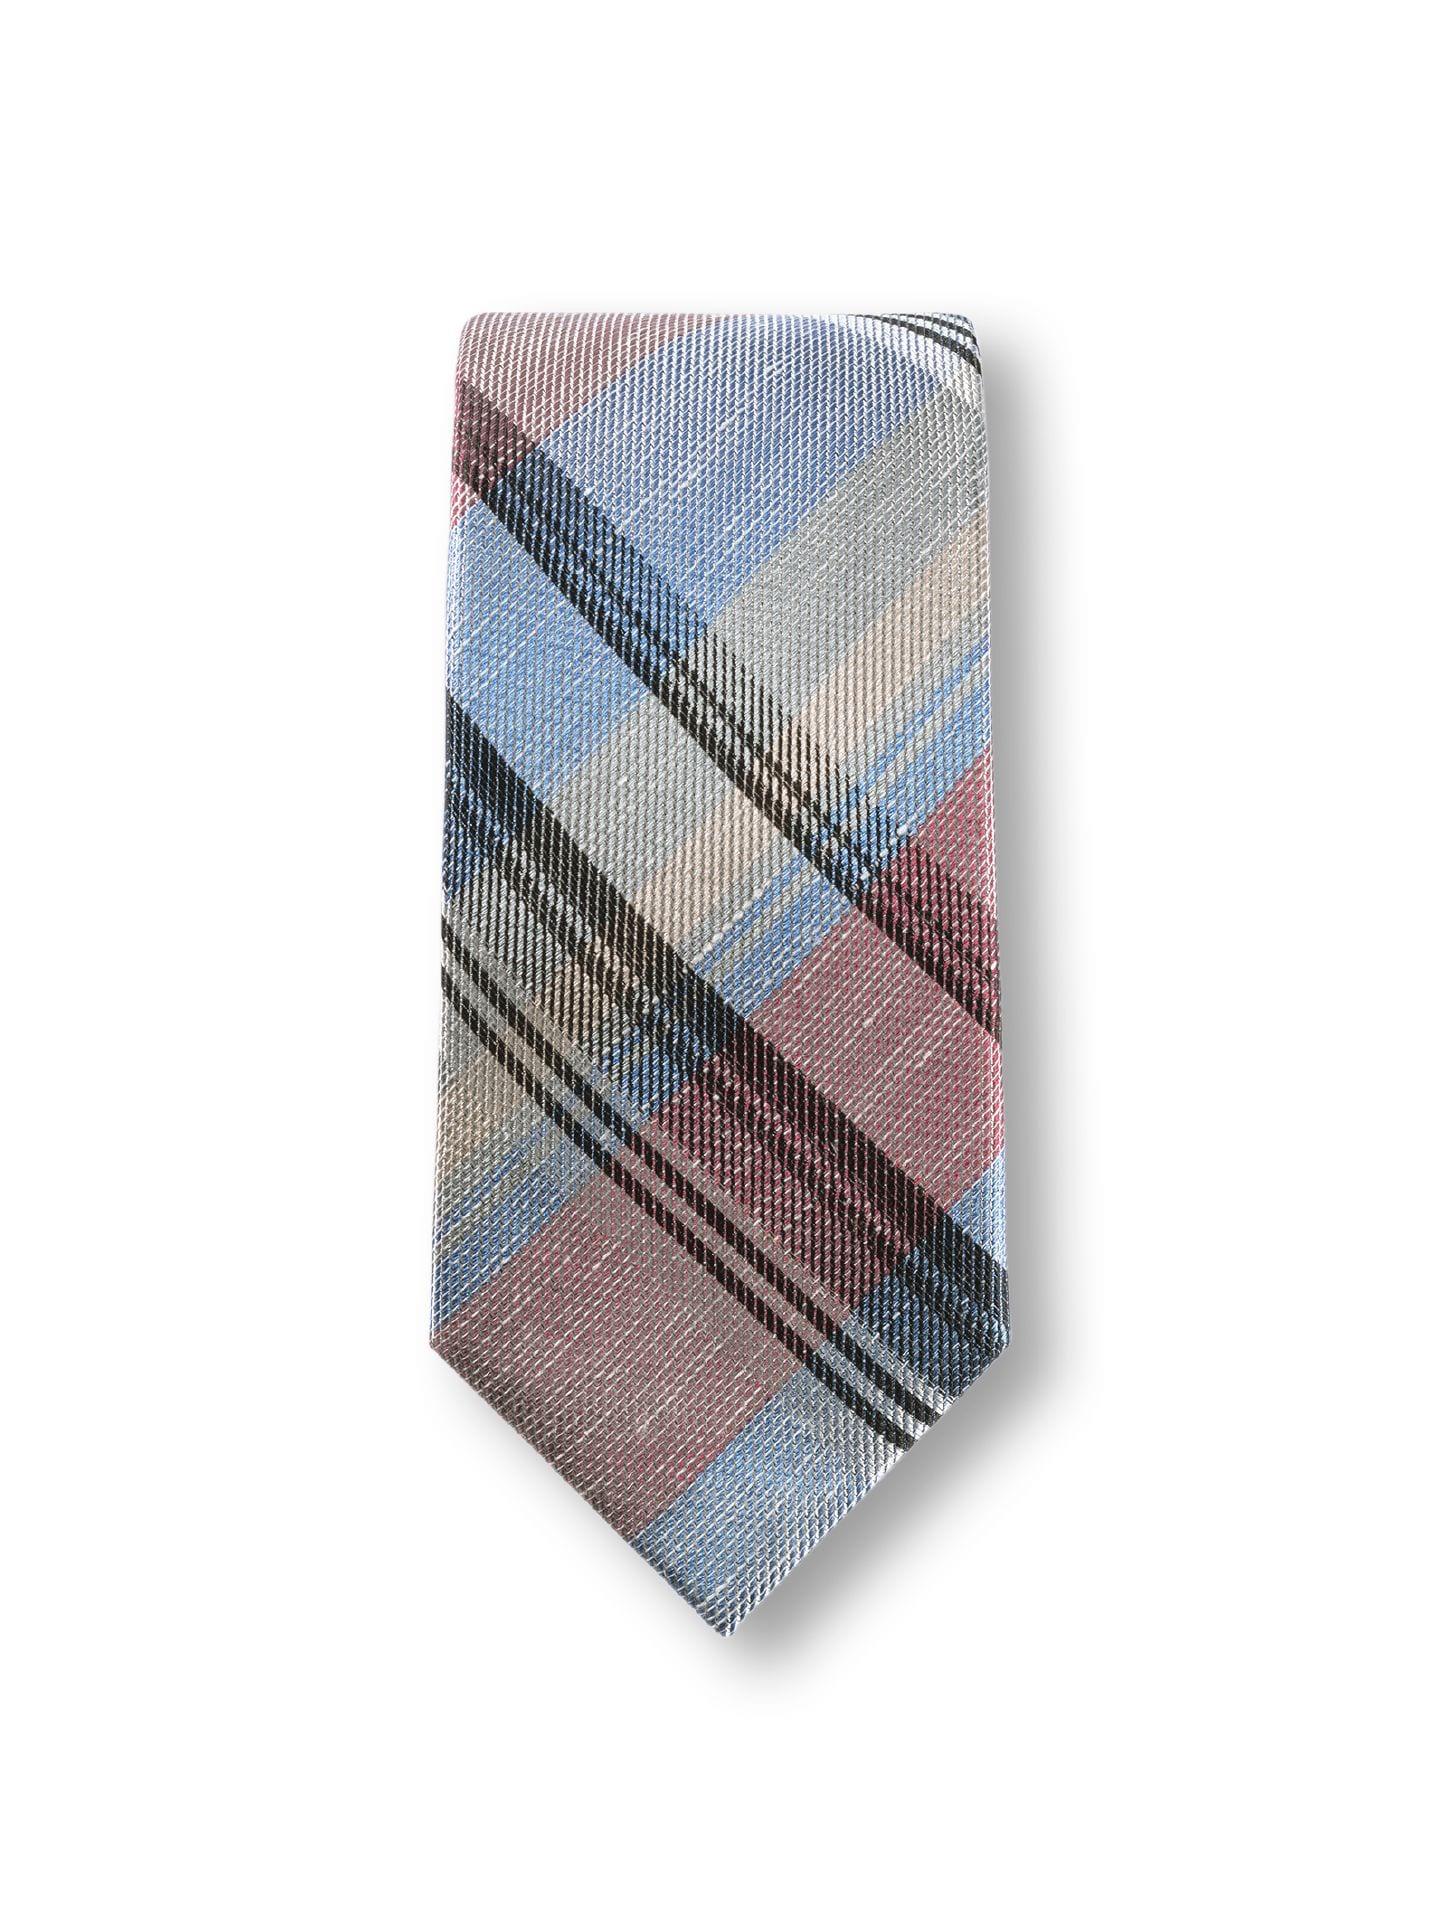 Walbusch Herren Karo-Krawatte Leinenmix Größe 01